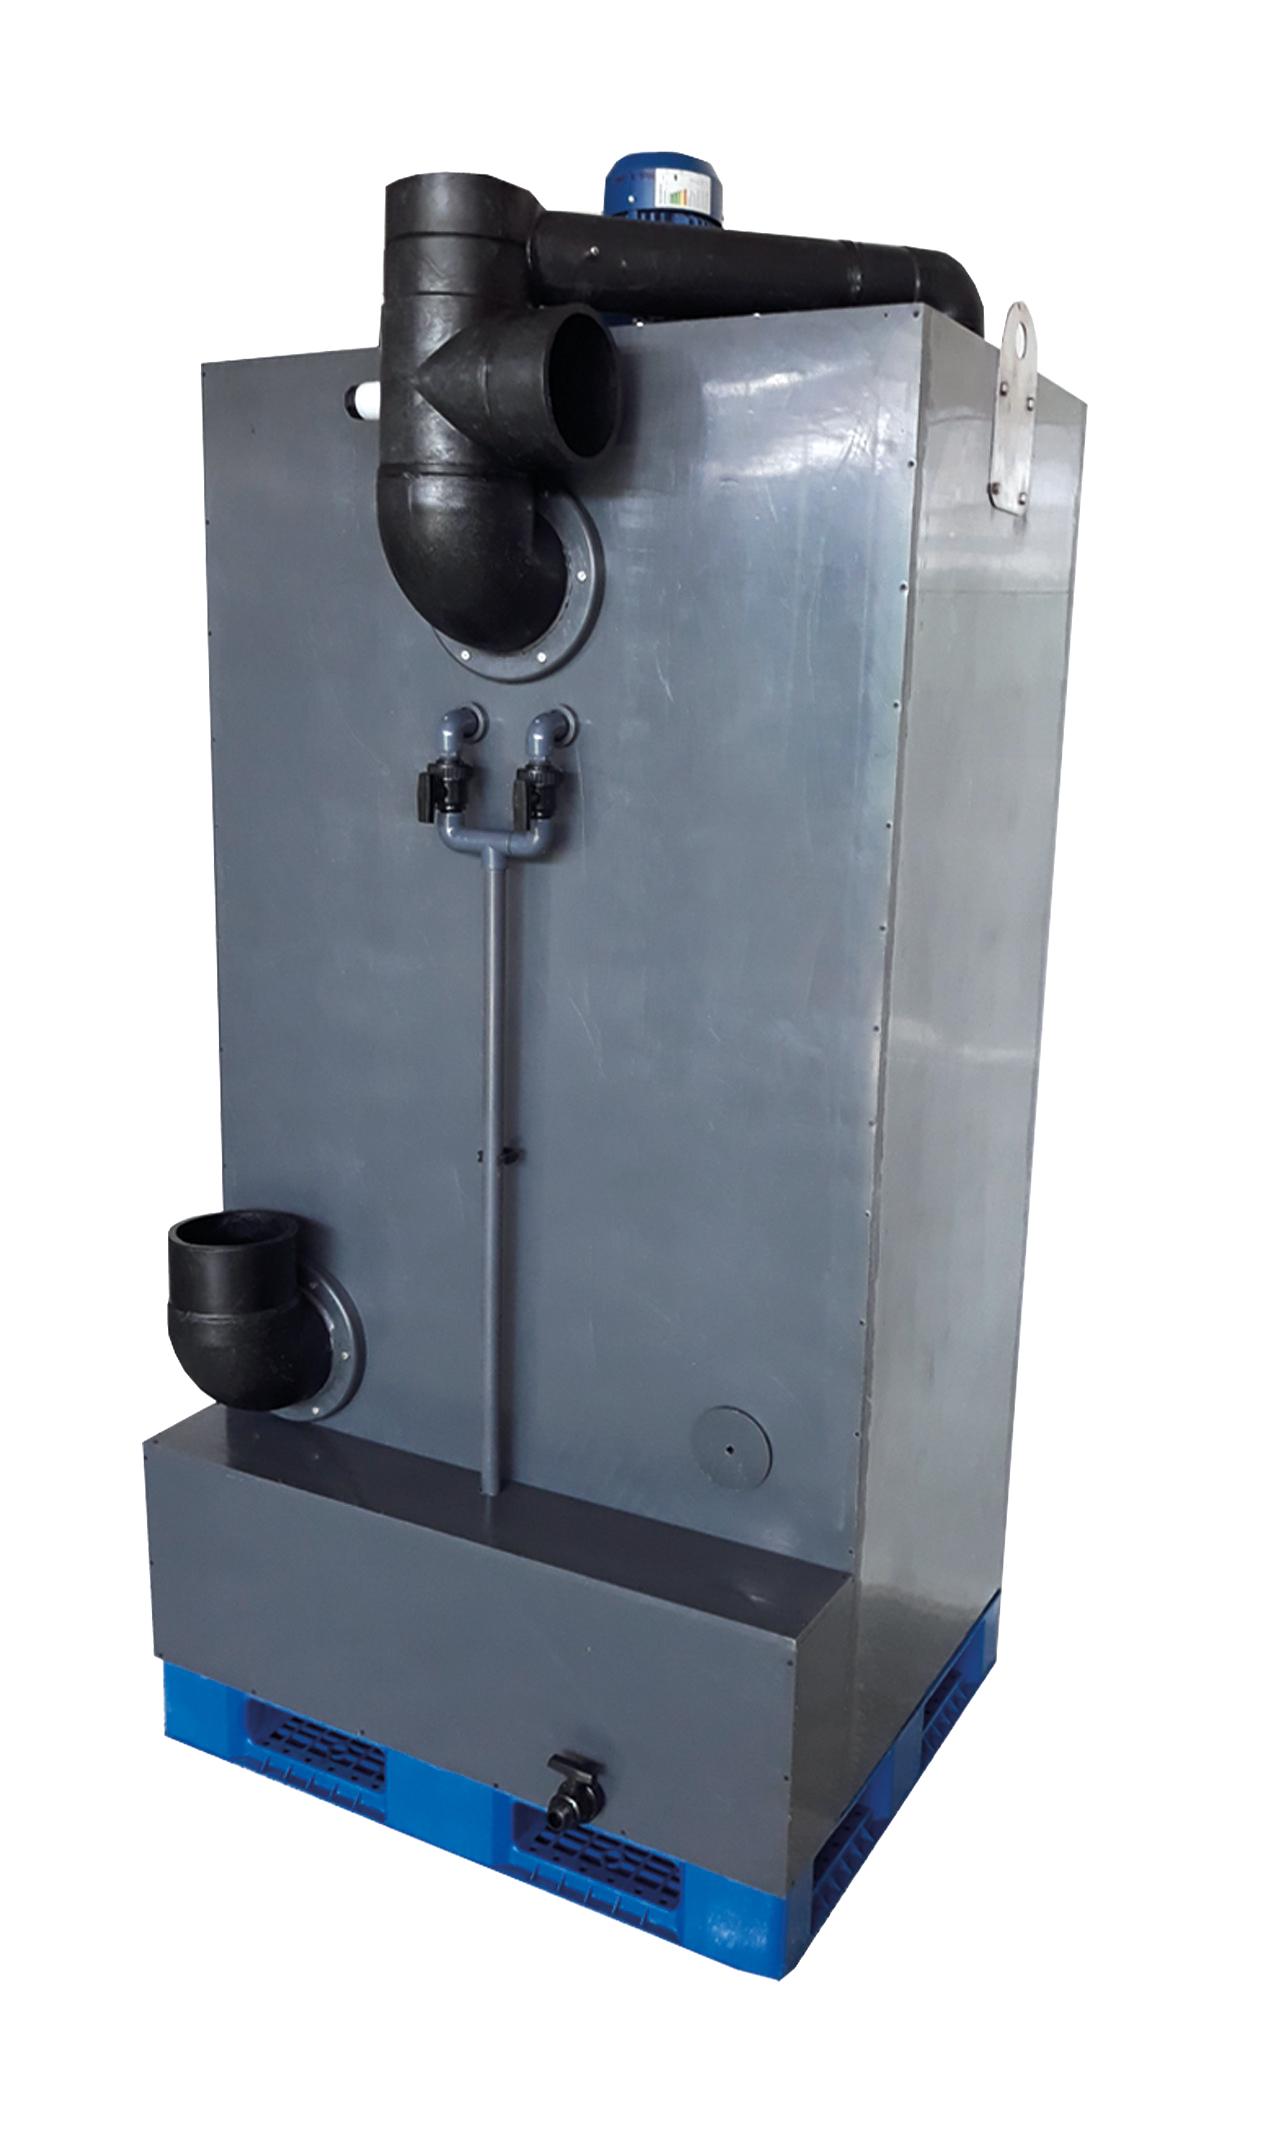 دستگاه تصفیه بخار اسید NS70